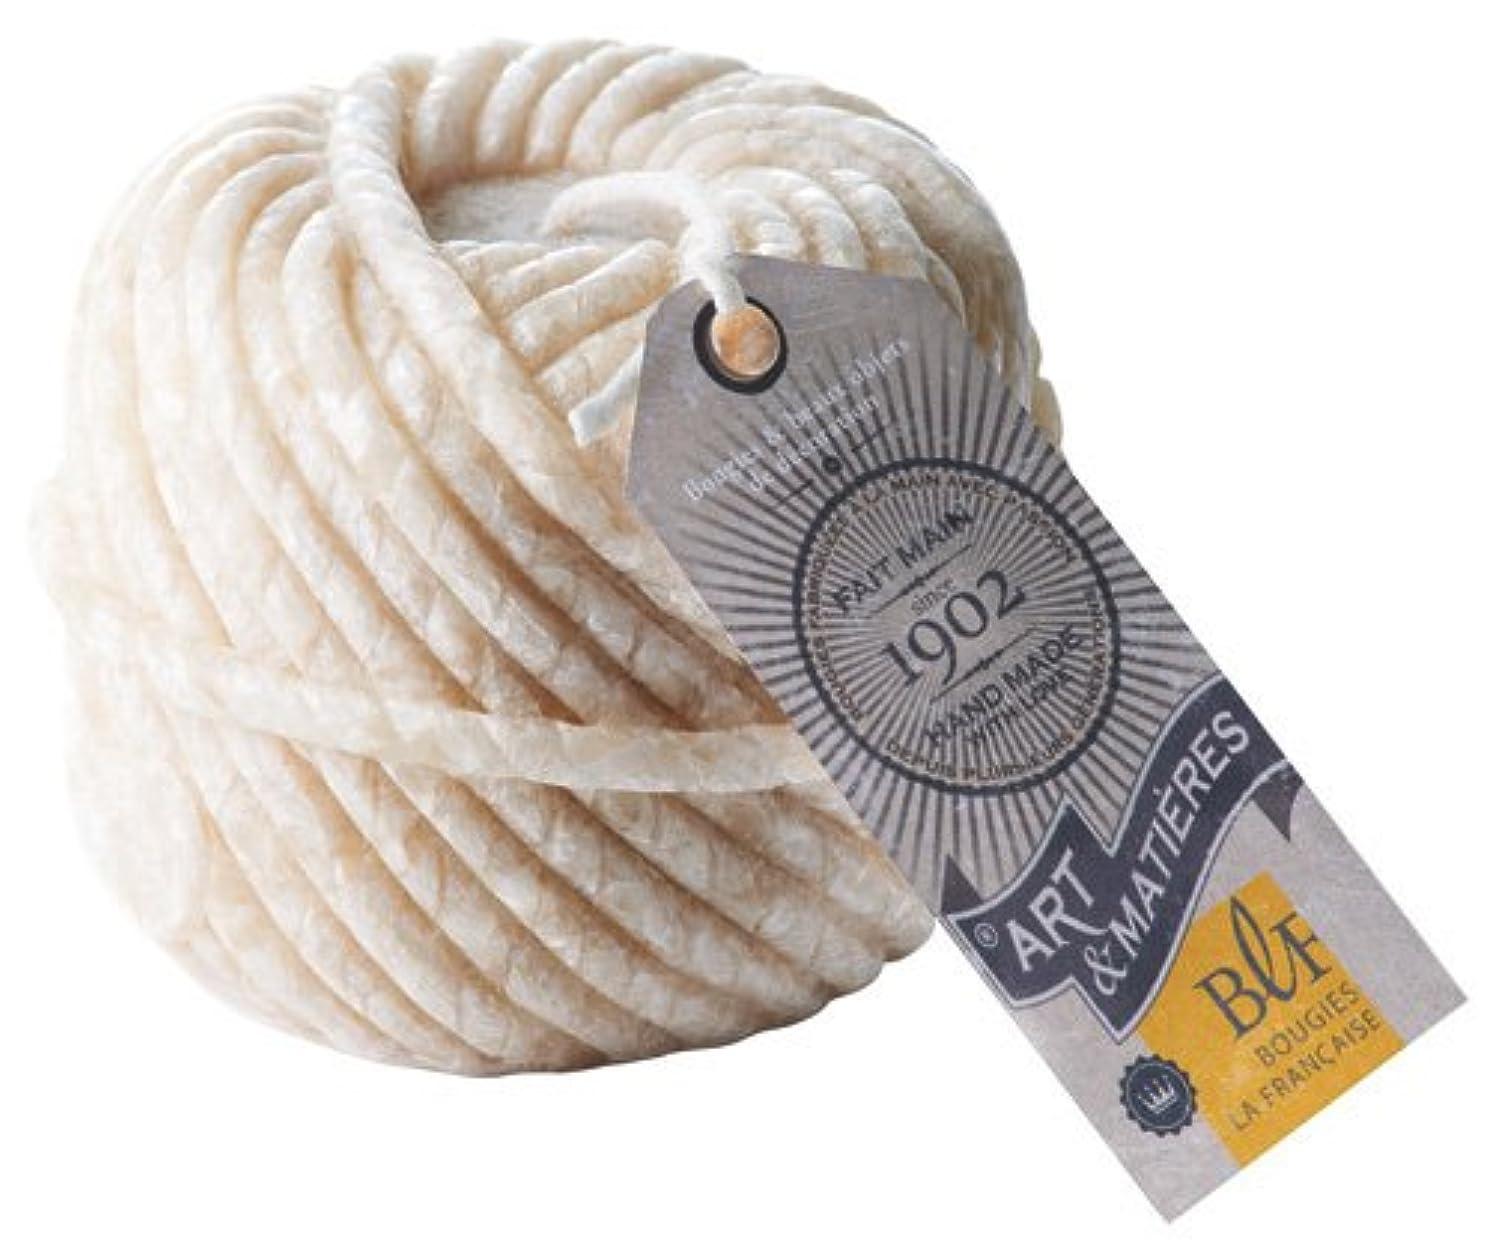 文句を言う悲しい親密なブジ?ラ?フランセーズ 本物の毛糸玉のような ウールボールキャンドル ホワイト